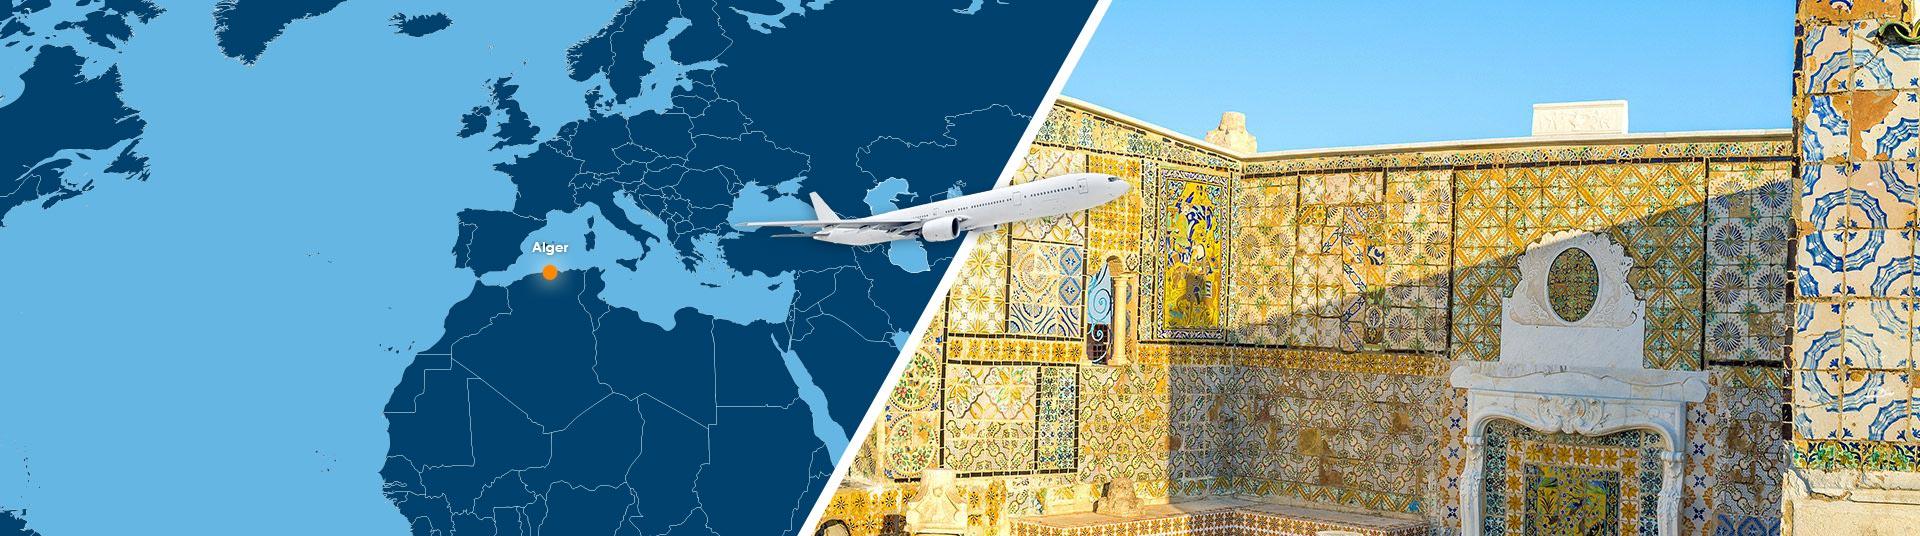 voyage algerie tunisie pas cher